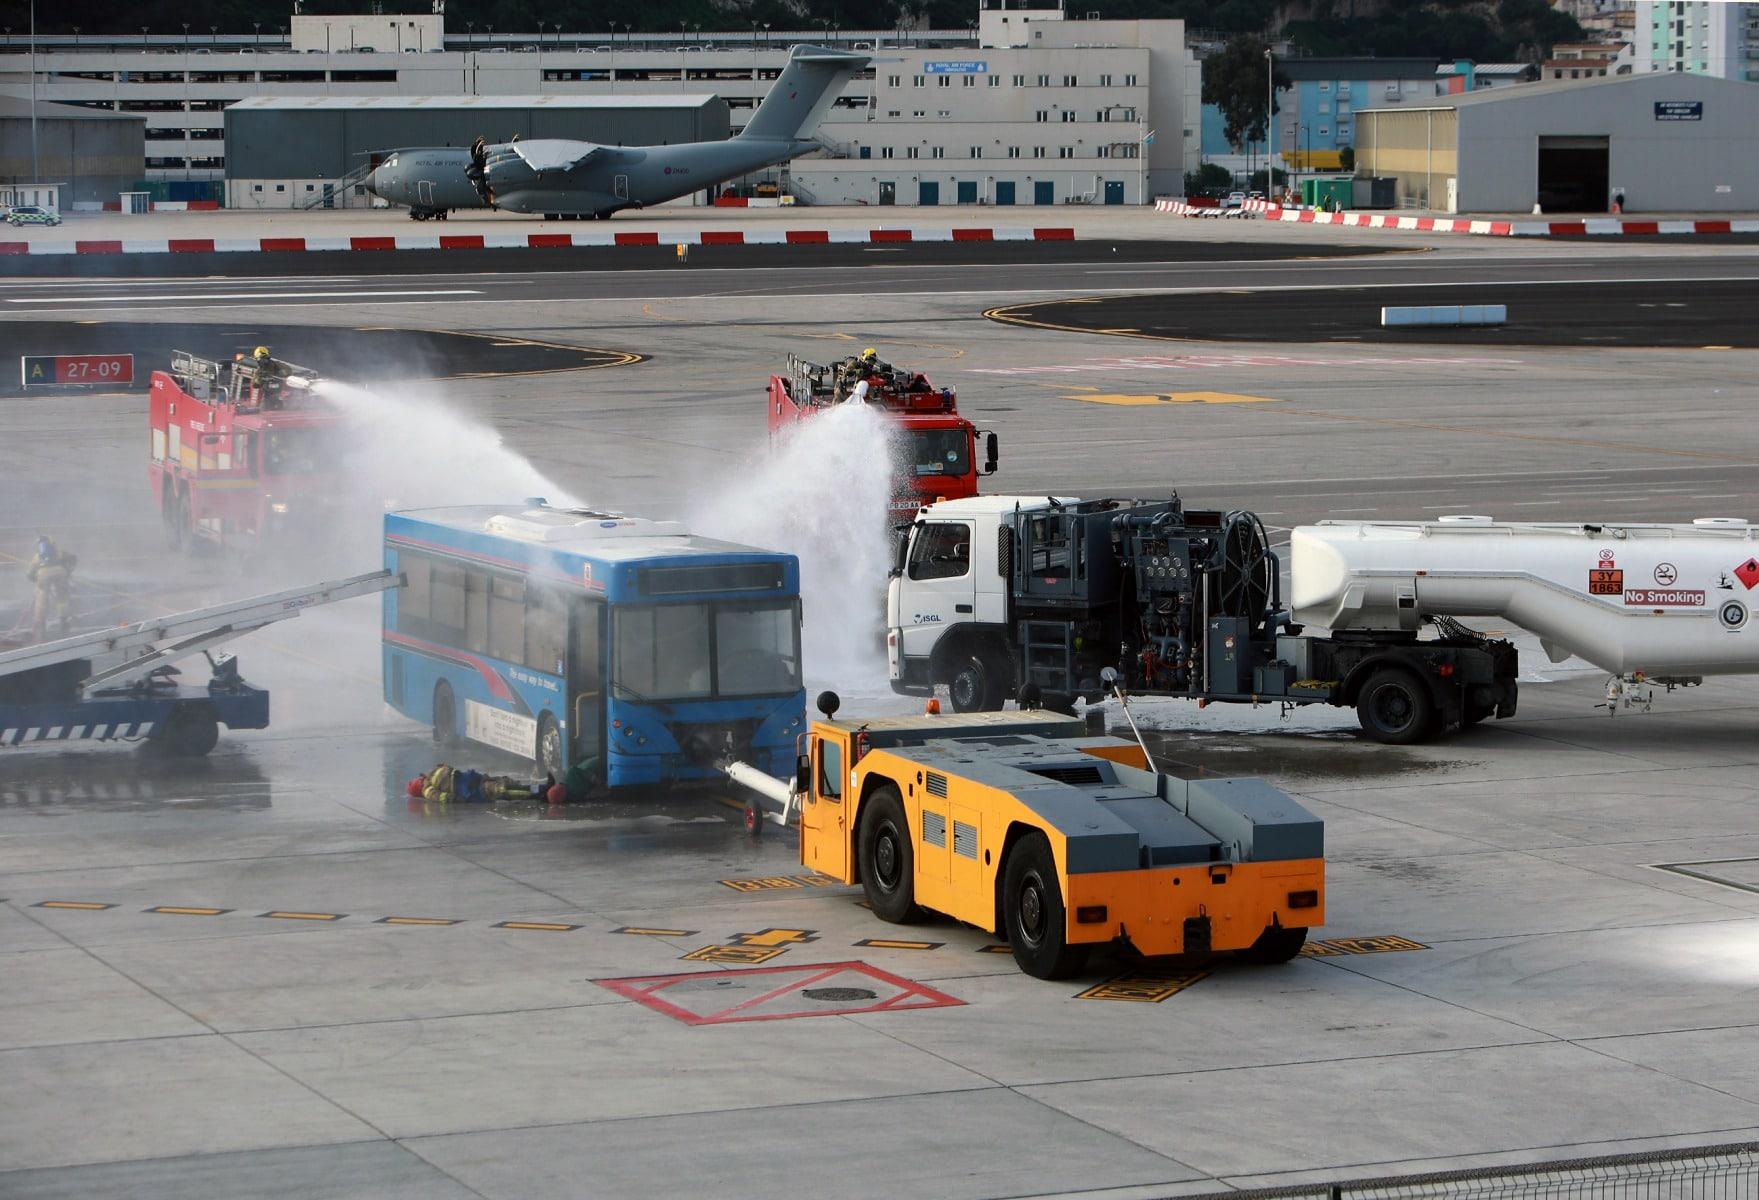 09-feb-2016-simulacro-de-incidente-en-el-aeropuerto-de-gibraltar_24797044212_o